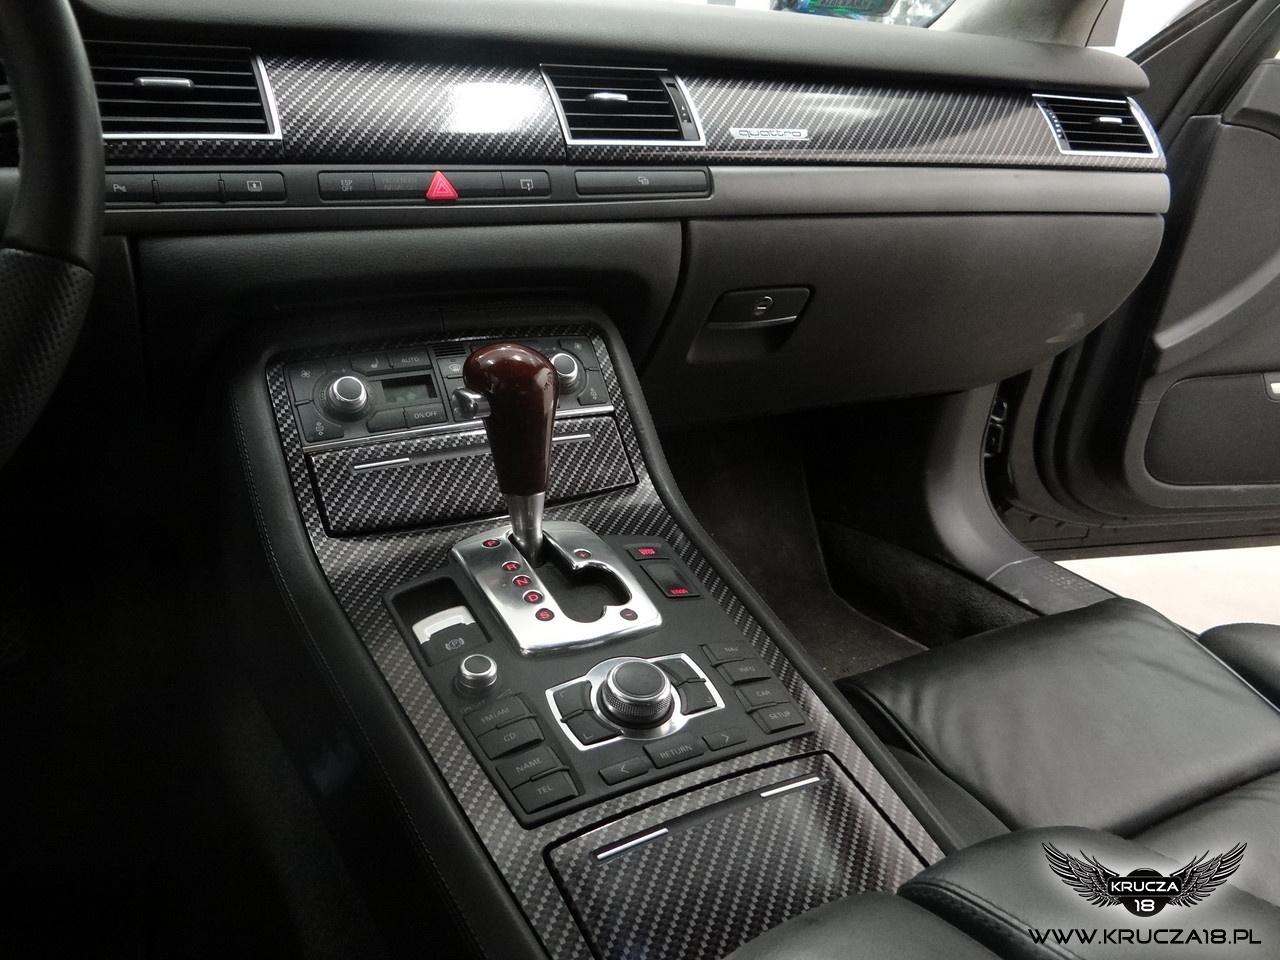 AUDI A8 : oklejanie elementów : listwy w carbon : zmiana koloru auta : Krucza18 : Osielsko/k.Bydgoszcy